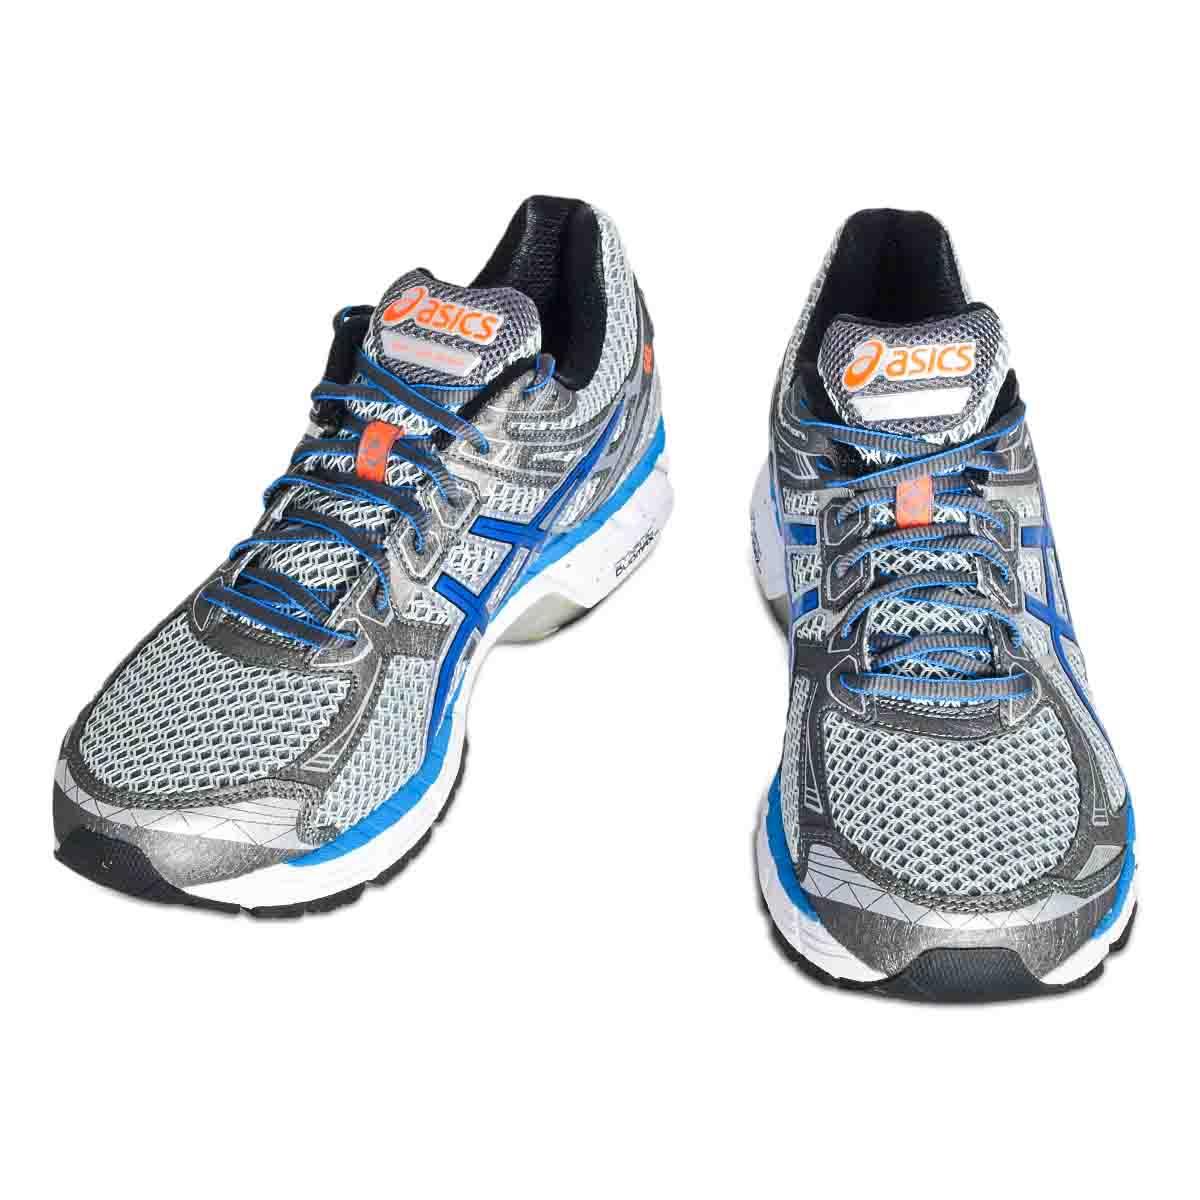 Asics Mens Running Shoes GT 2000 2 Size: UK 9.5 - 15 | eBay